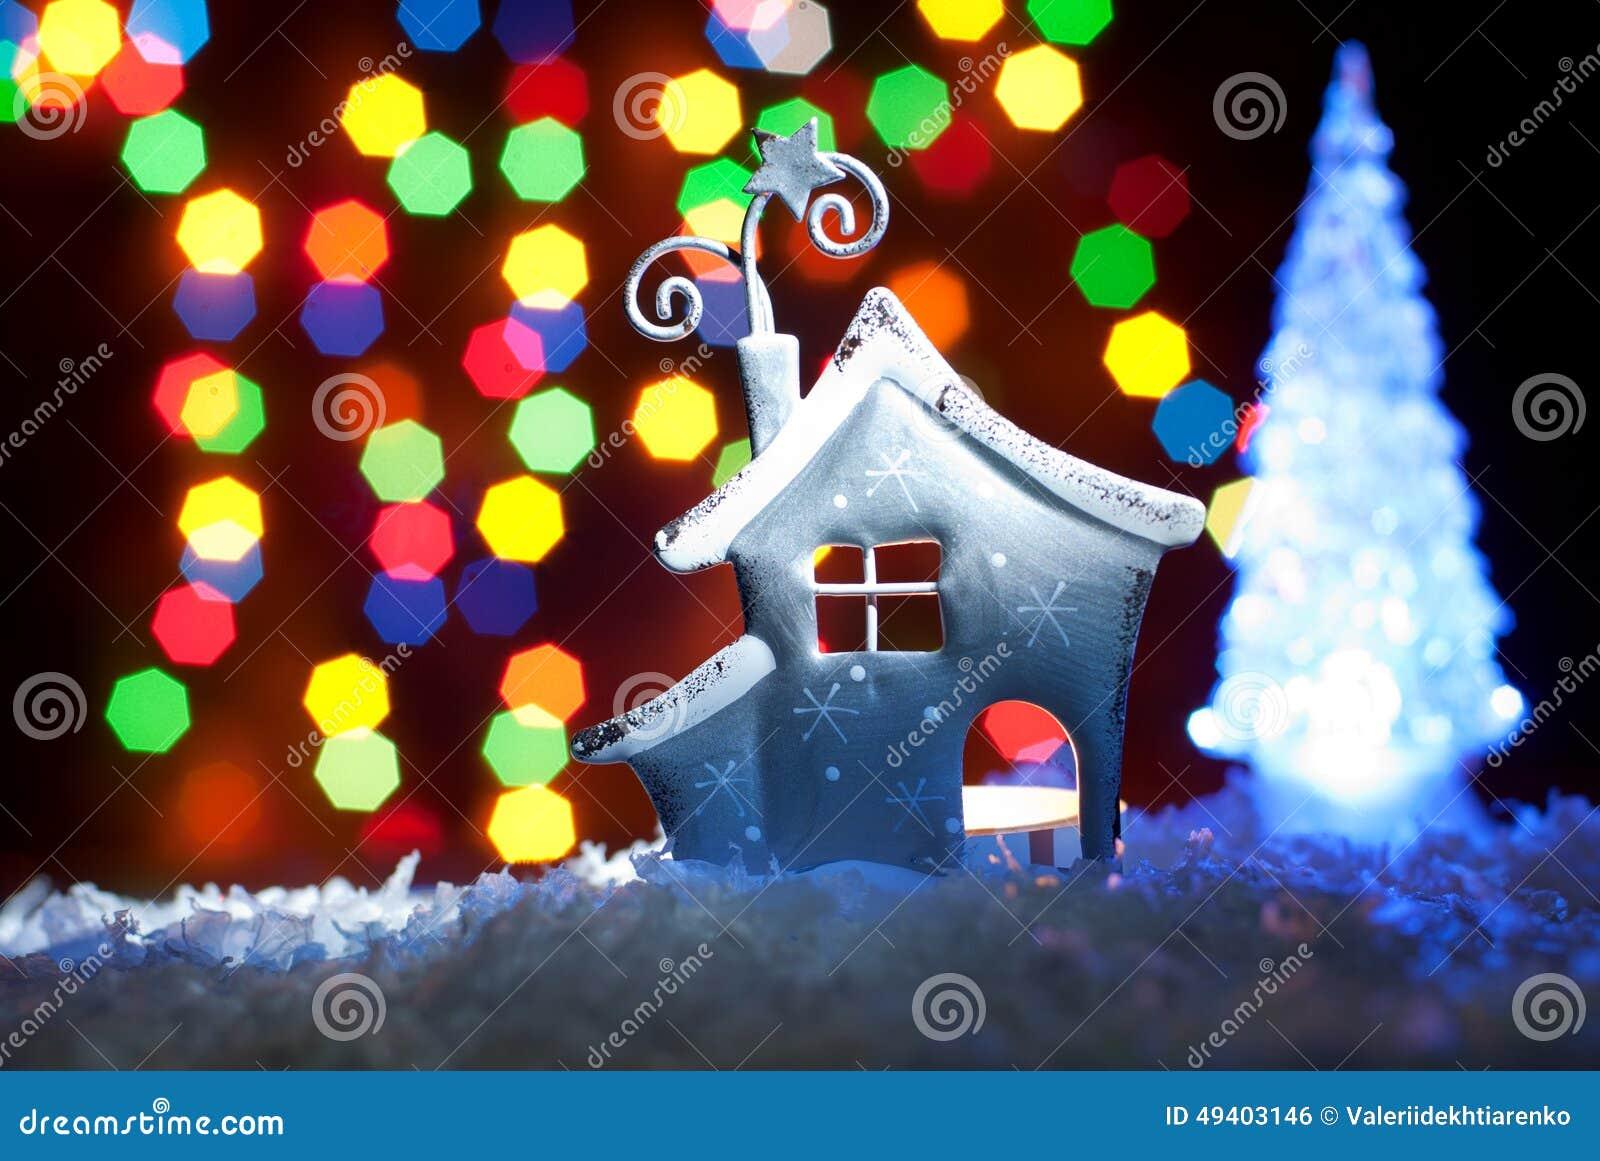 Download Romantisches Haus Mit Einer Weihnachtsbeleuchtung Stockfoto - Bild von januar, haupt: 49403146